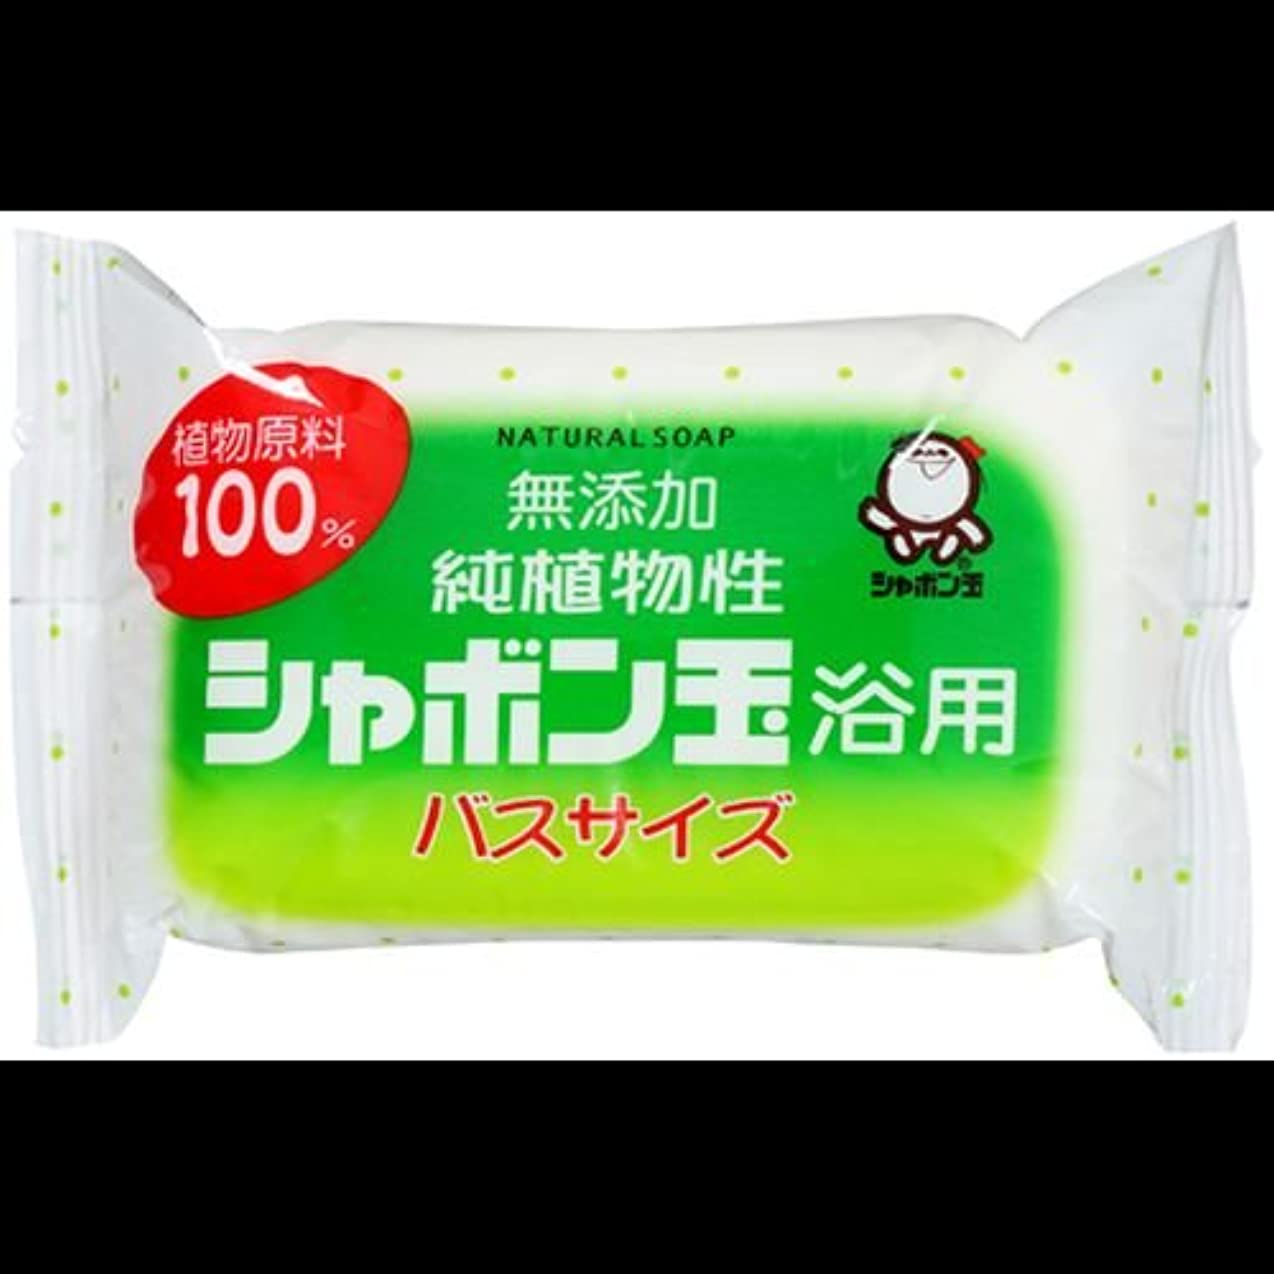 扇動接続詞枯れる【まとめ買い】純植物性シャボン玉 浴用 バスサイズ155g ×2セット